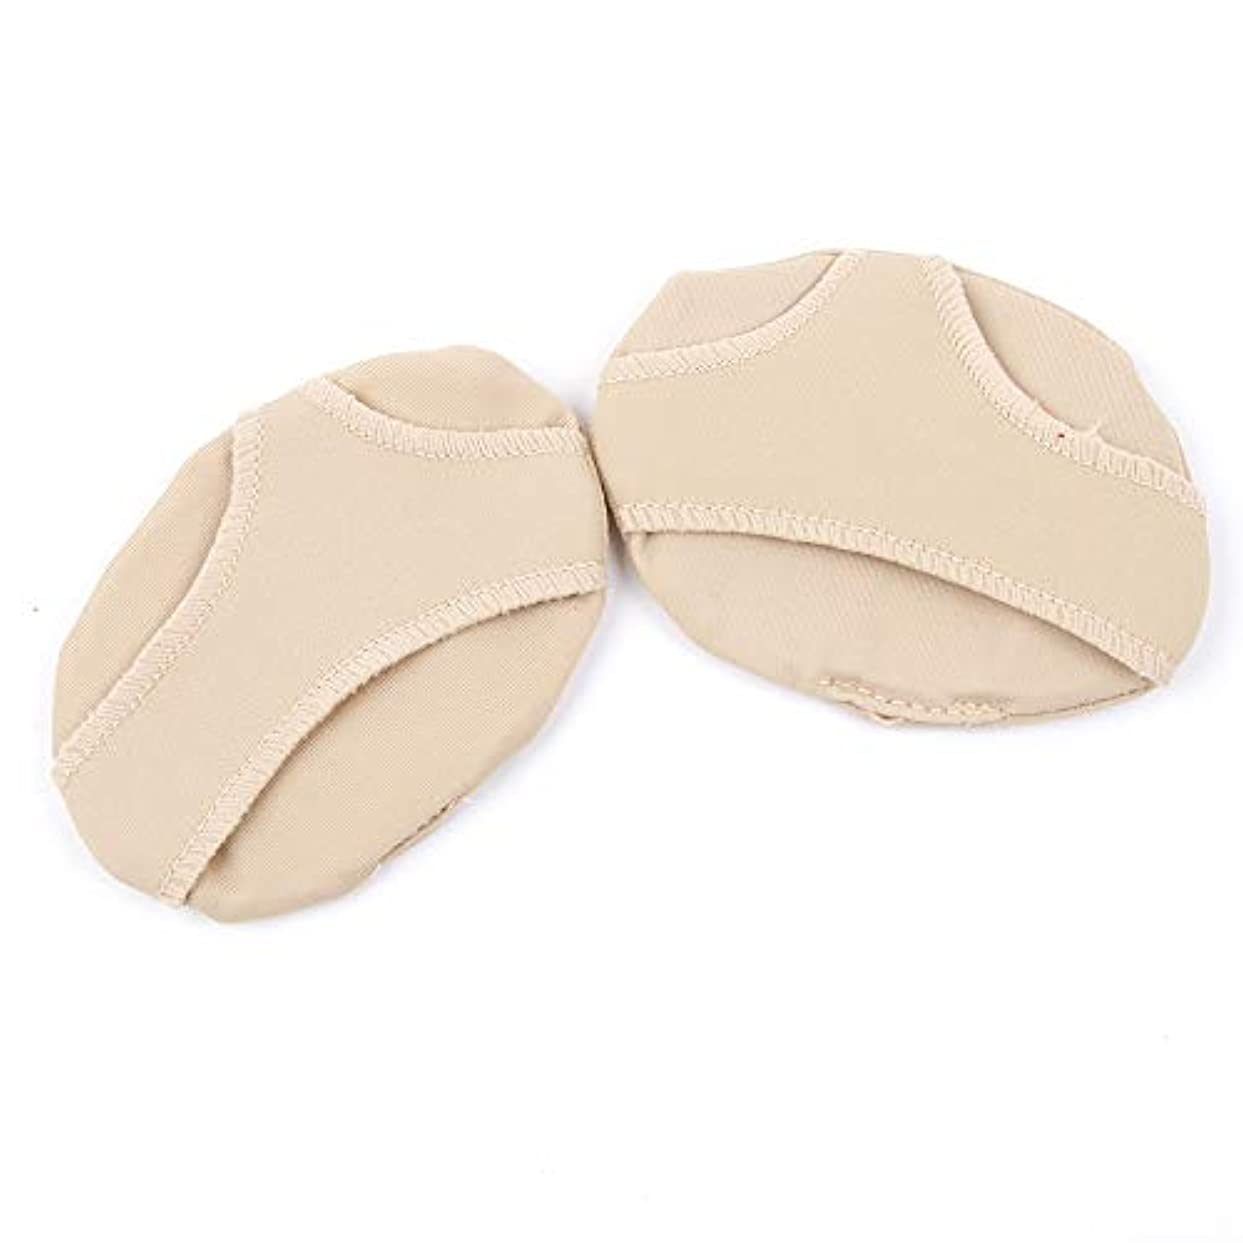 揃える十分ですうれしいRAYNAG 足裏サポート 前足パッド ふんわりパッド 足裏保護 フットケア 足の疲れ 痛み緩和 滑り止め 柔軟性 健康グッズ Mサイズ 肌色 足底用(4個入り)